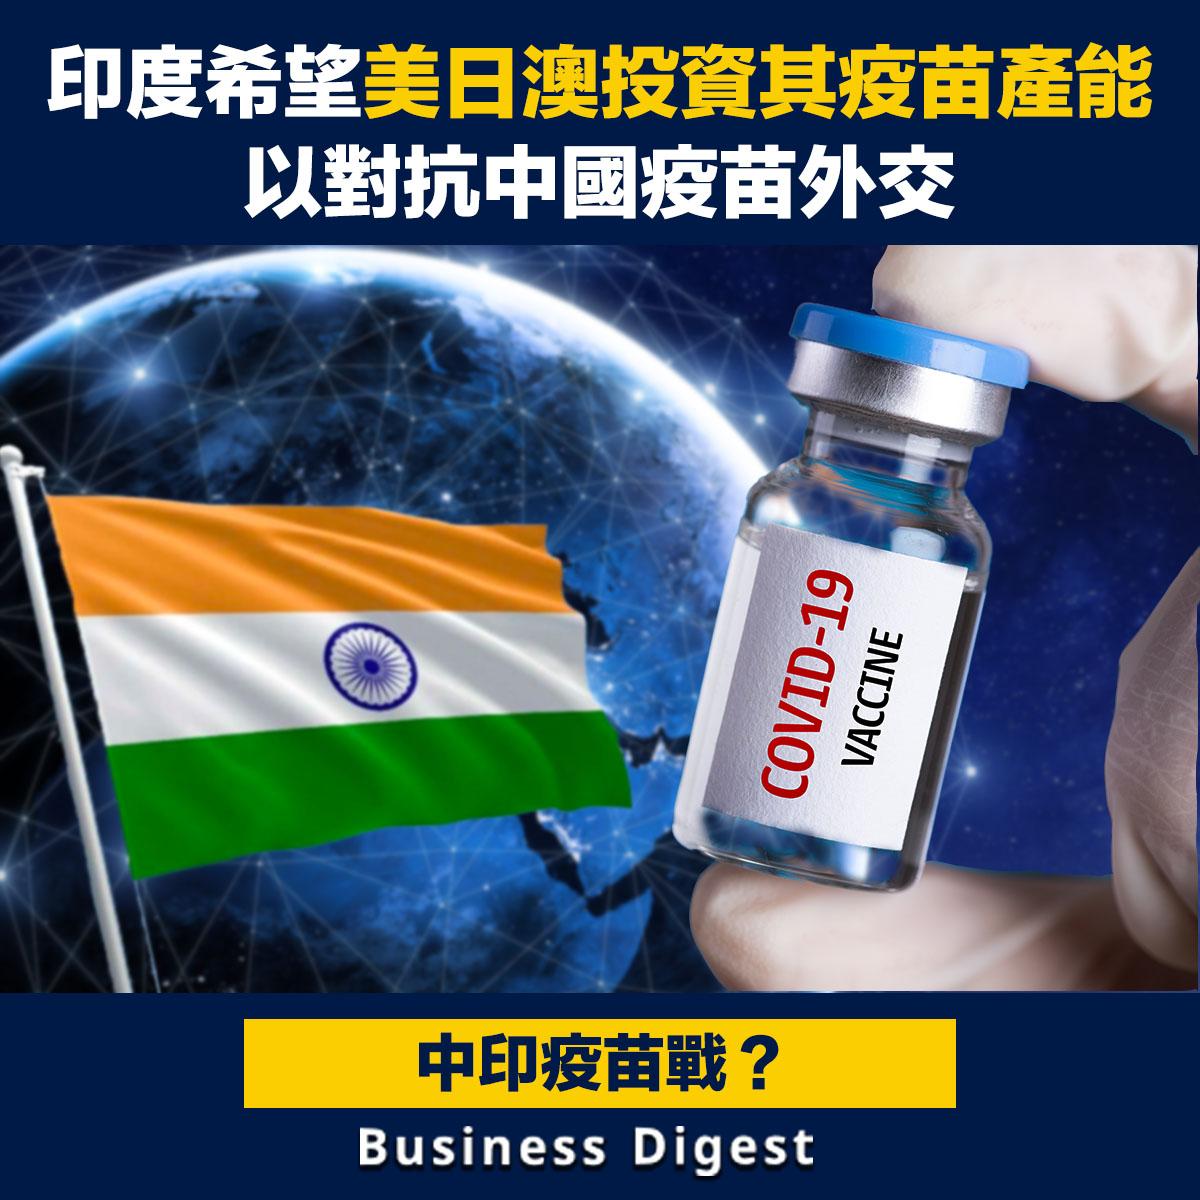 印度積極拉攏美國、日本、澳洲投資印度疫苗產能,以對抗中國的疫苗外交。